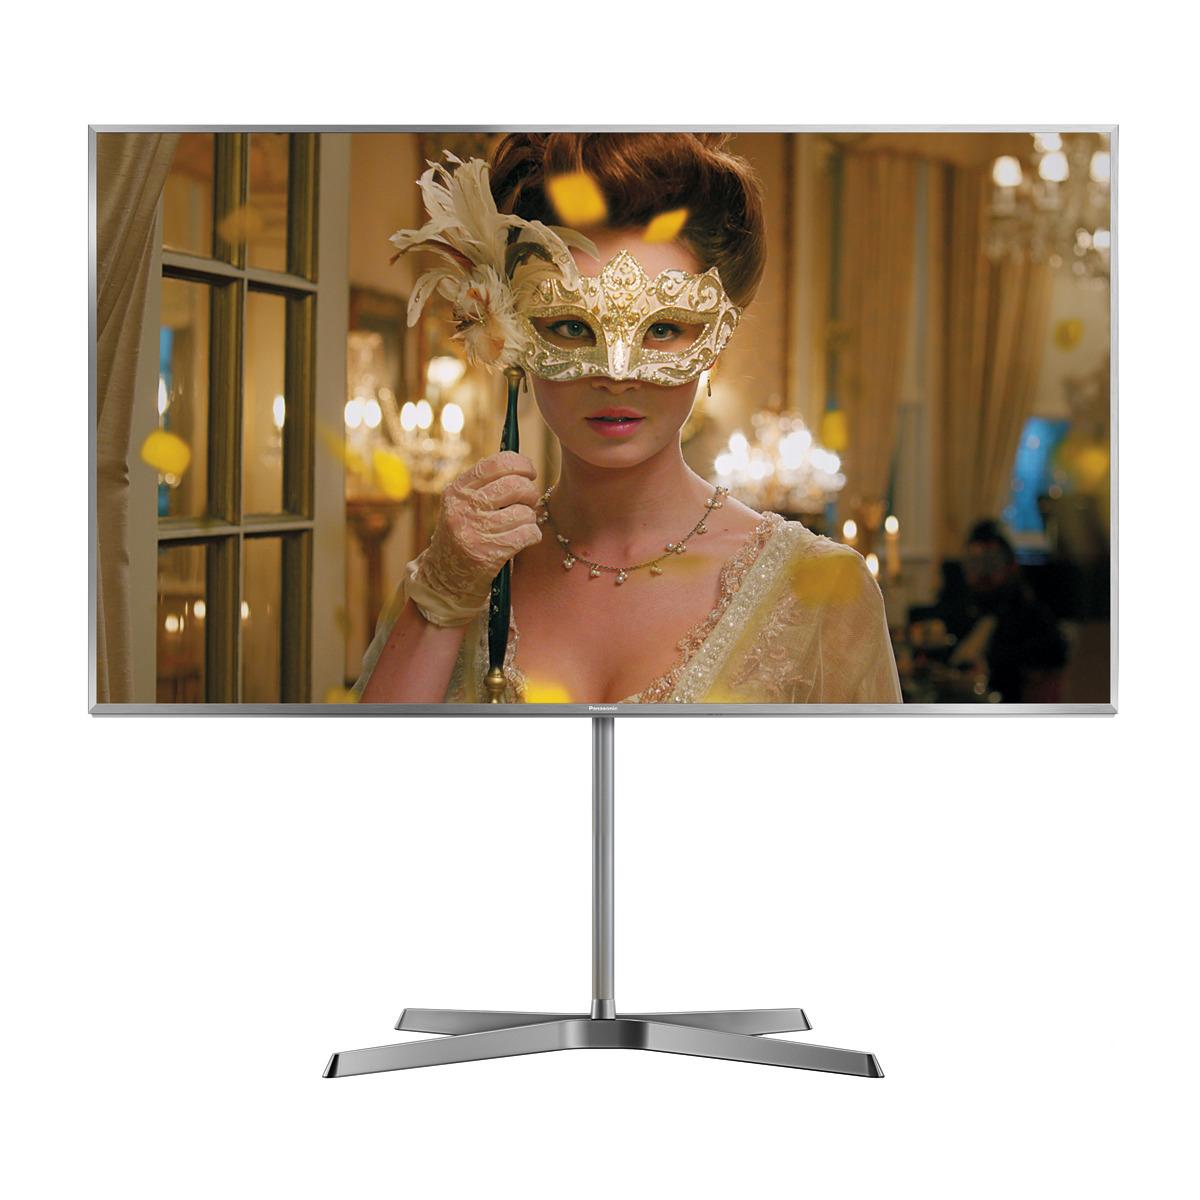 Panasonic TX-50EX780E es un nuevo televisor de diseño original